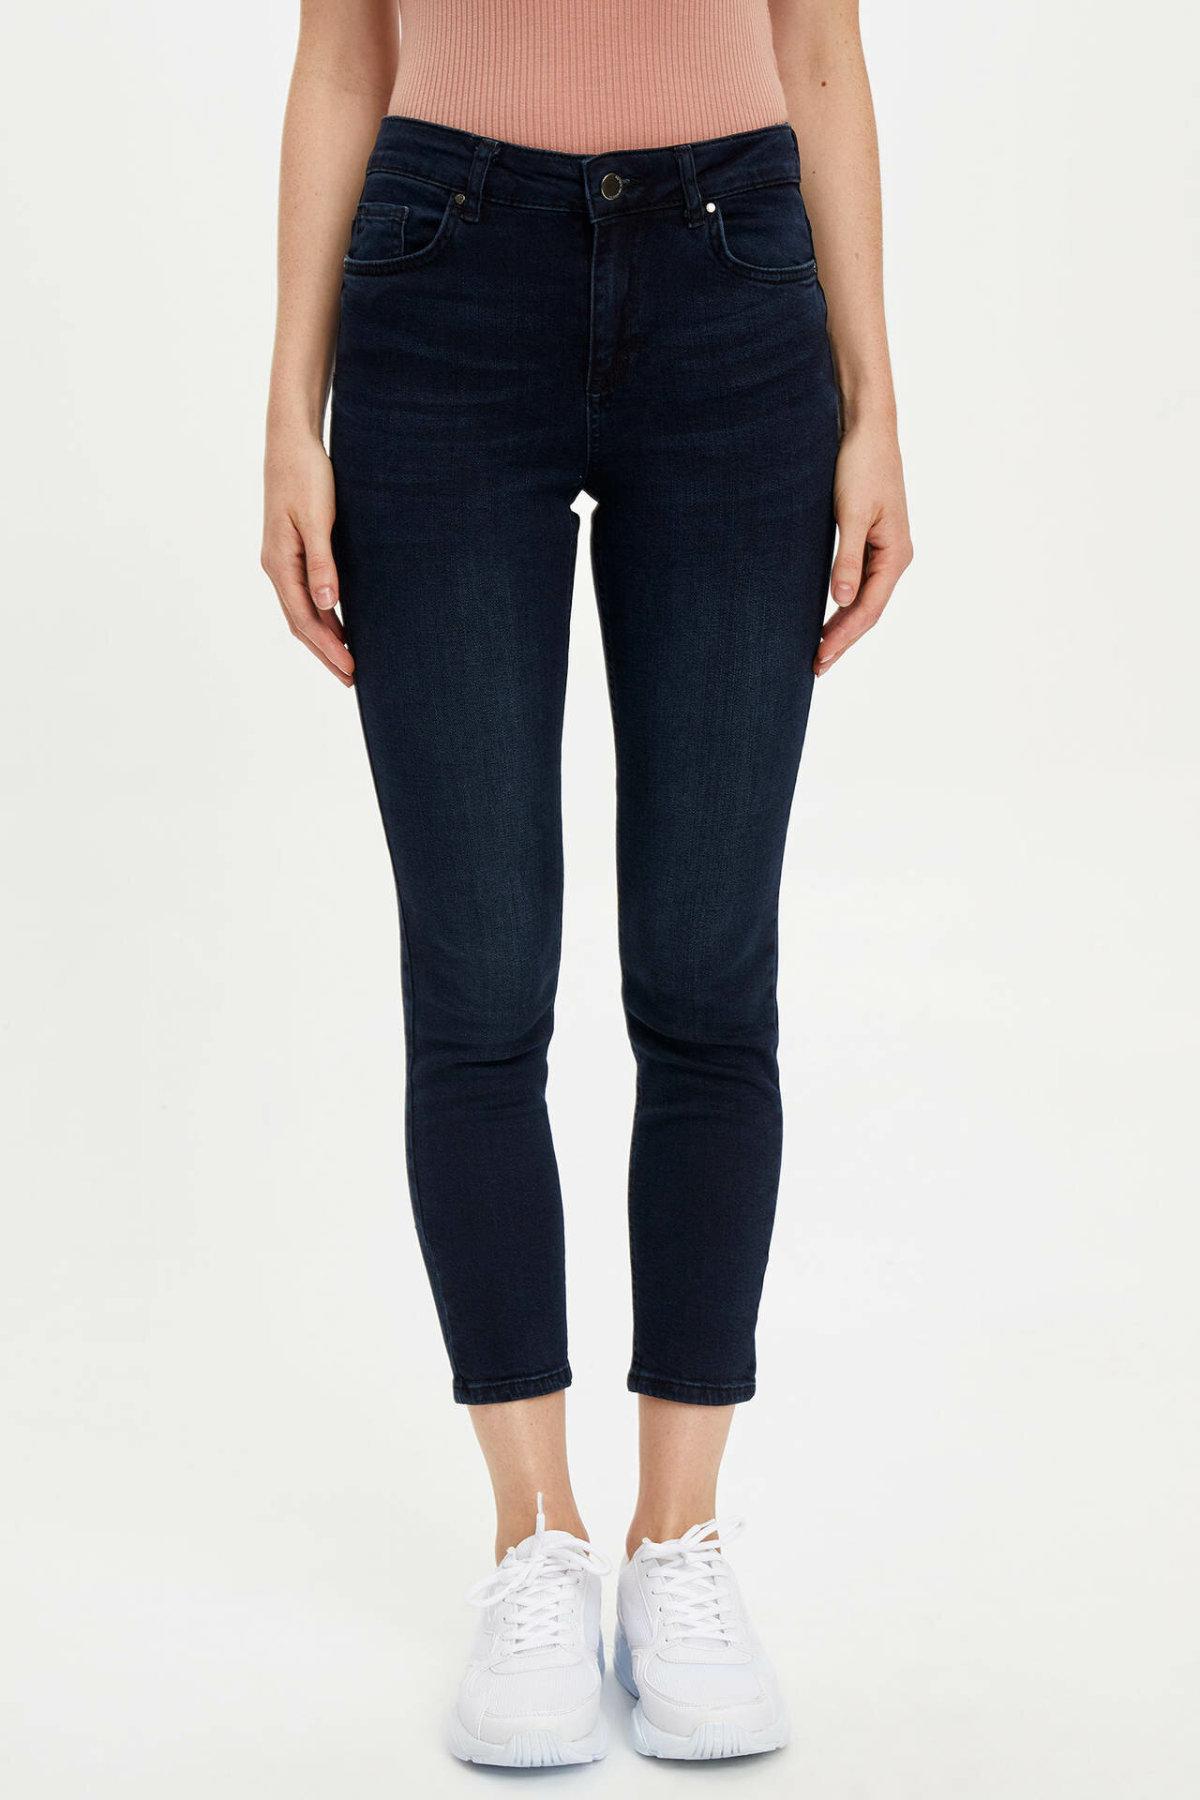 DeFacto Fashion Women Mid Waist Hole Jean Trousers Casual Elastic Slim  Denim Female Crop Pencil Pants Lady -L8137AZ19AU